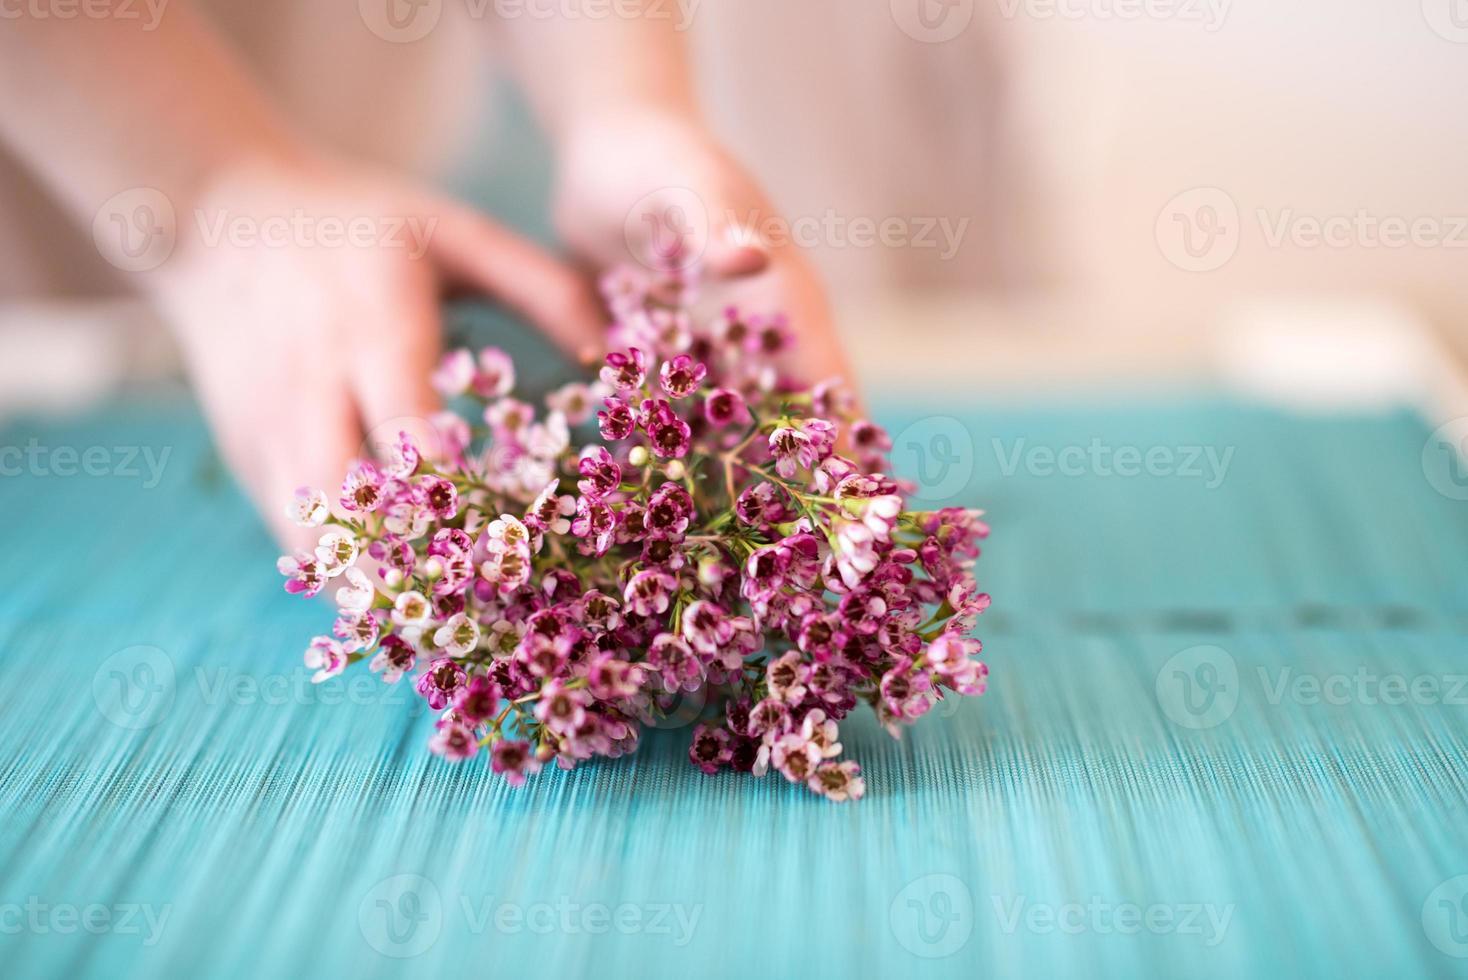 blomsterhandlare gör vaxblommor bukett foto